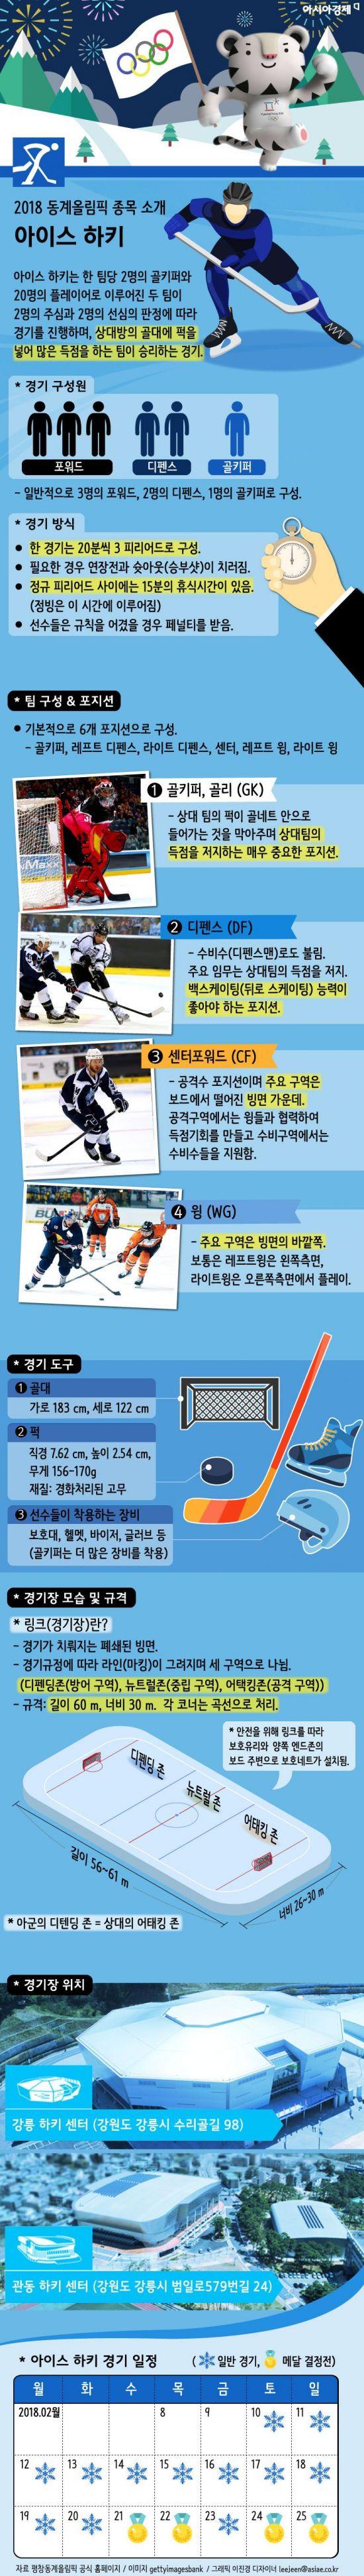 [인포그래픽]2018 평창 동계올림픽 종목소개-아이스 하키